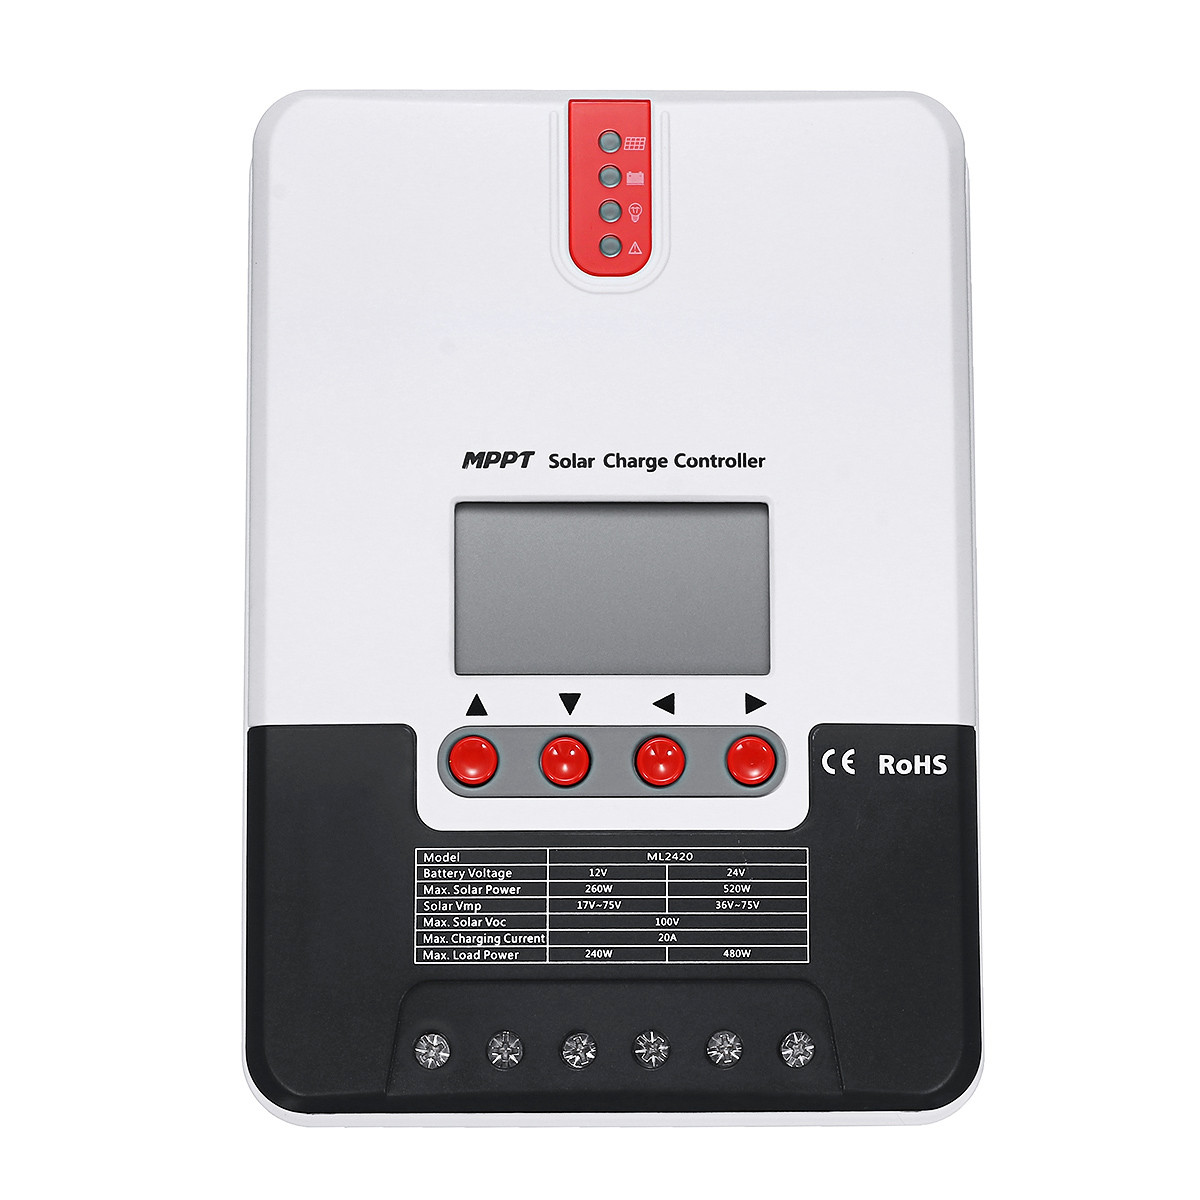 12V / 24V Auto Солнечная Панель управления зарядным устройством PWM Батарея Регулятор заряда 20A/30A/40A - 1TopShop